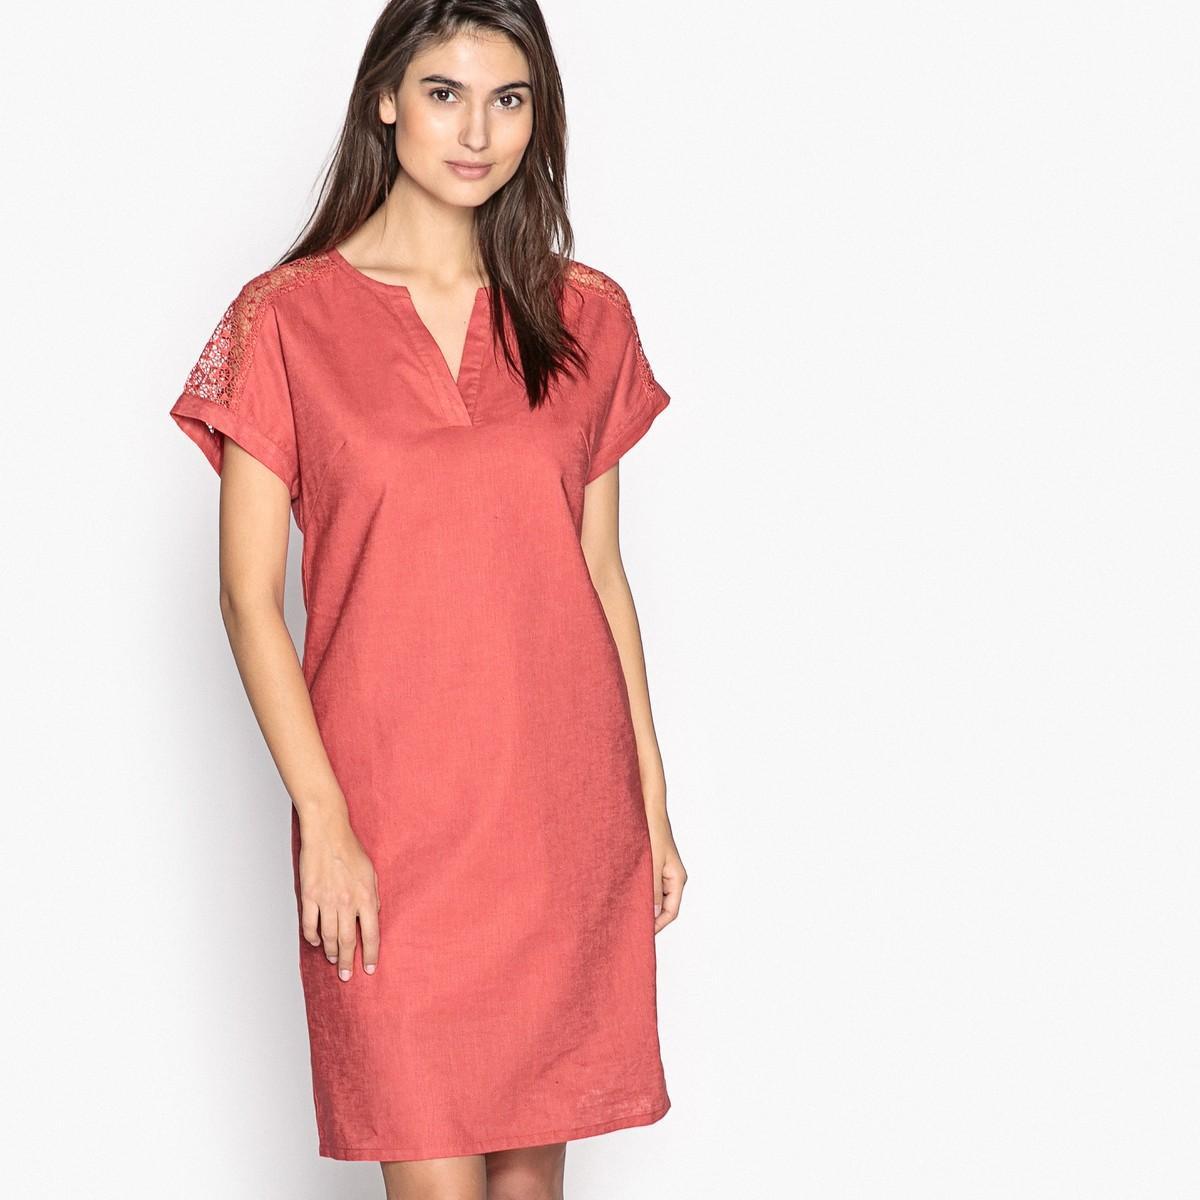 Платье прямое без рукавов своими руками 40